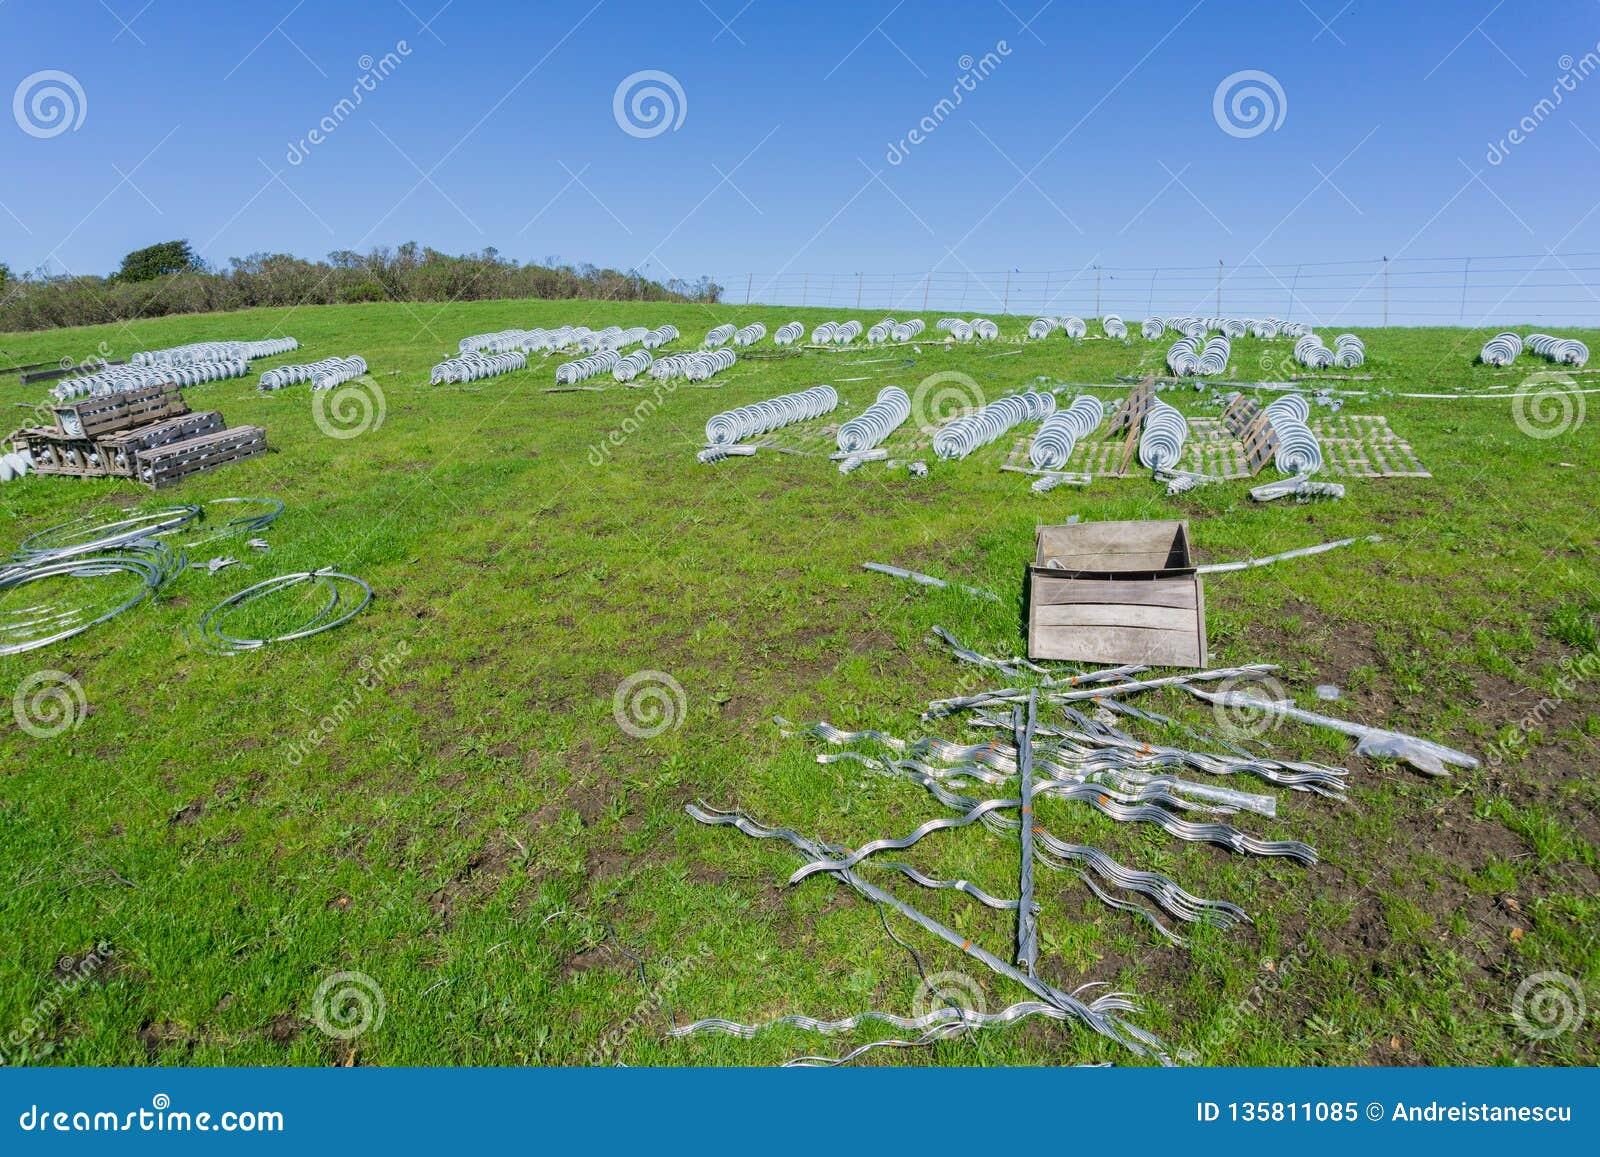 Keramiska isolatorer fördelade på en grön äng som väntar för att byta ut gamla, Kalifornien